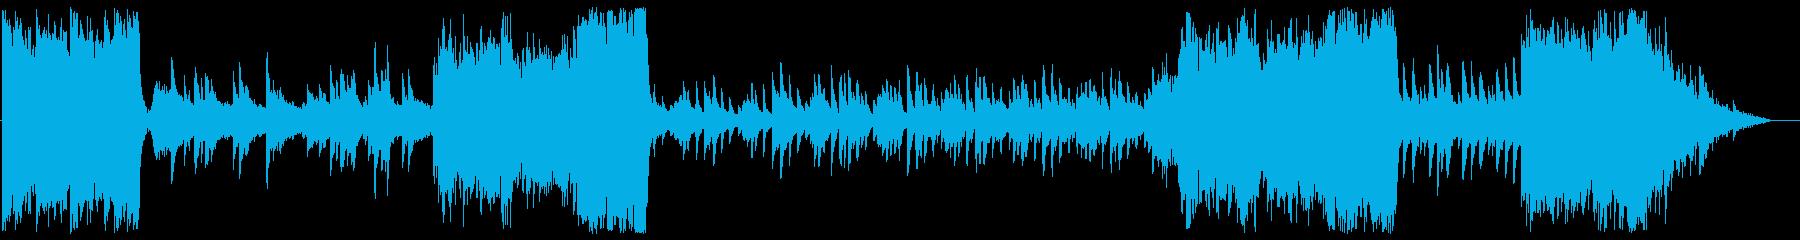 オーケストラとピアノの戦闘曲風BGMの再生済みの波形